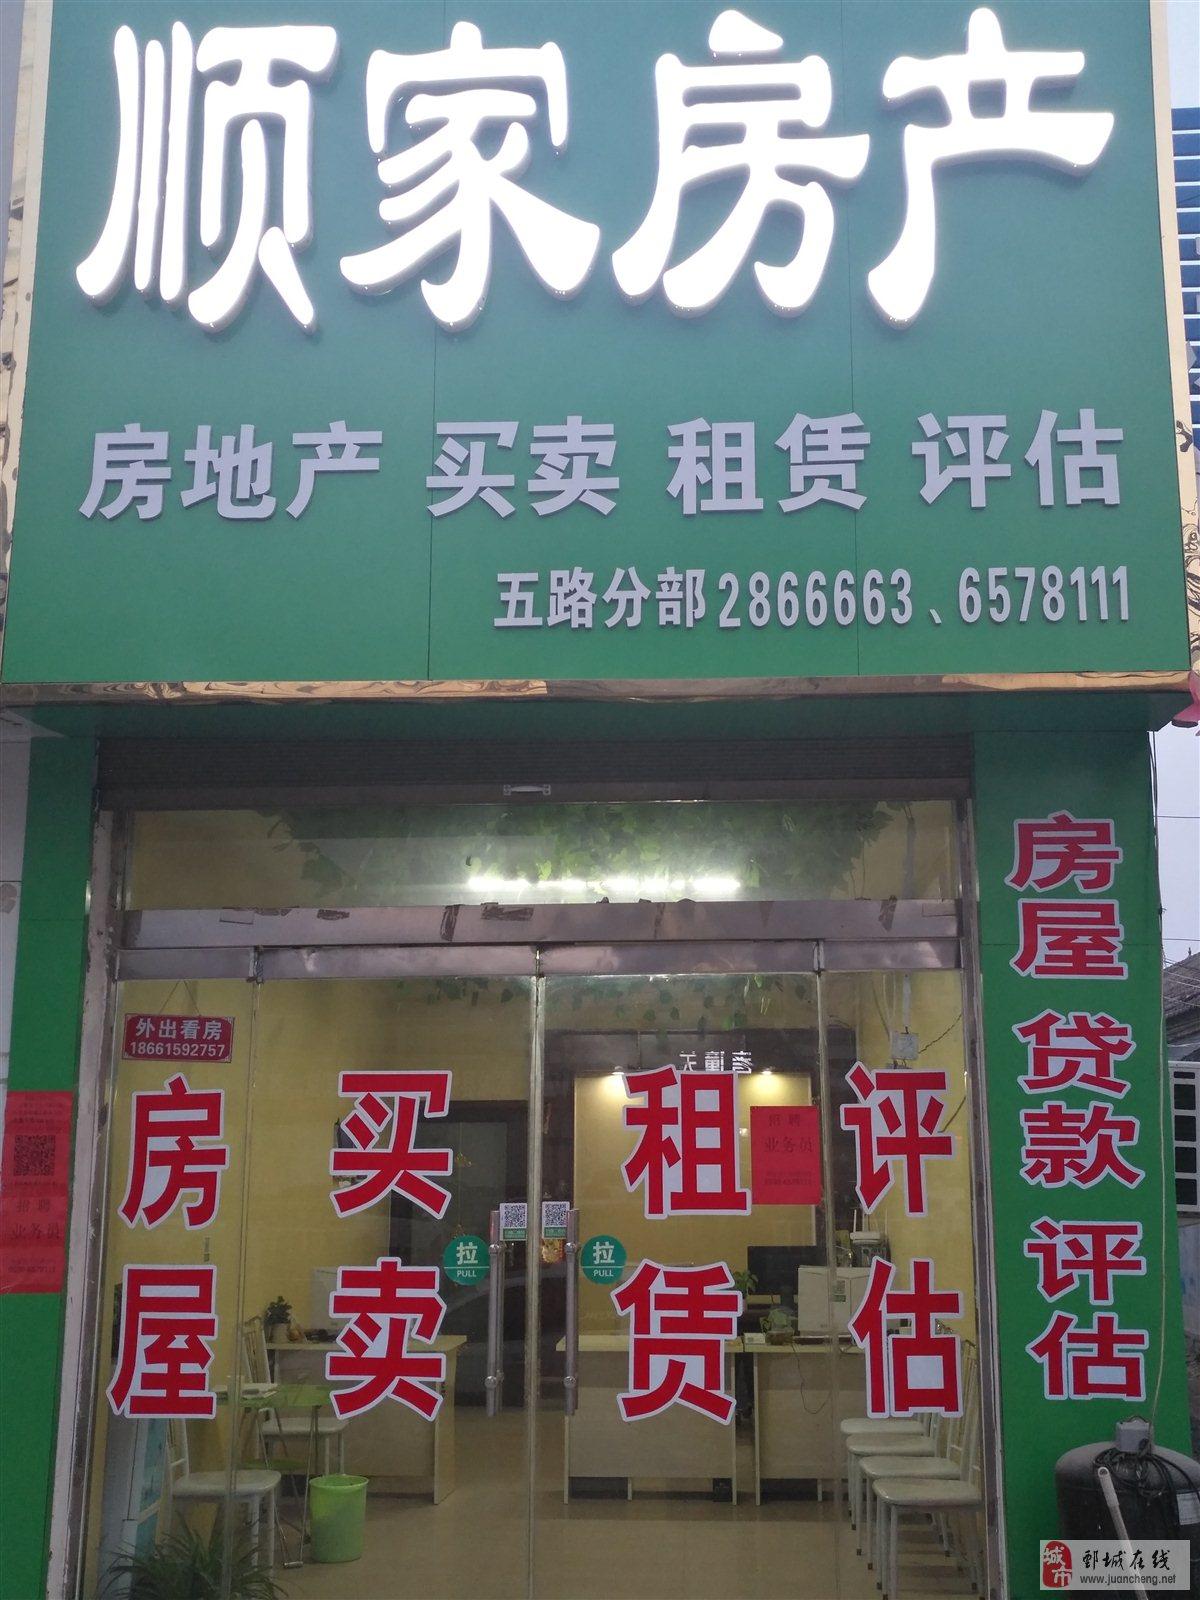 上海城市花园毛坯房3室2厅2卫150平55万元